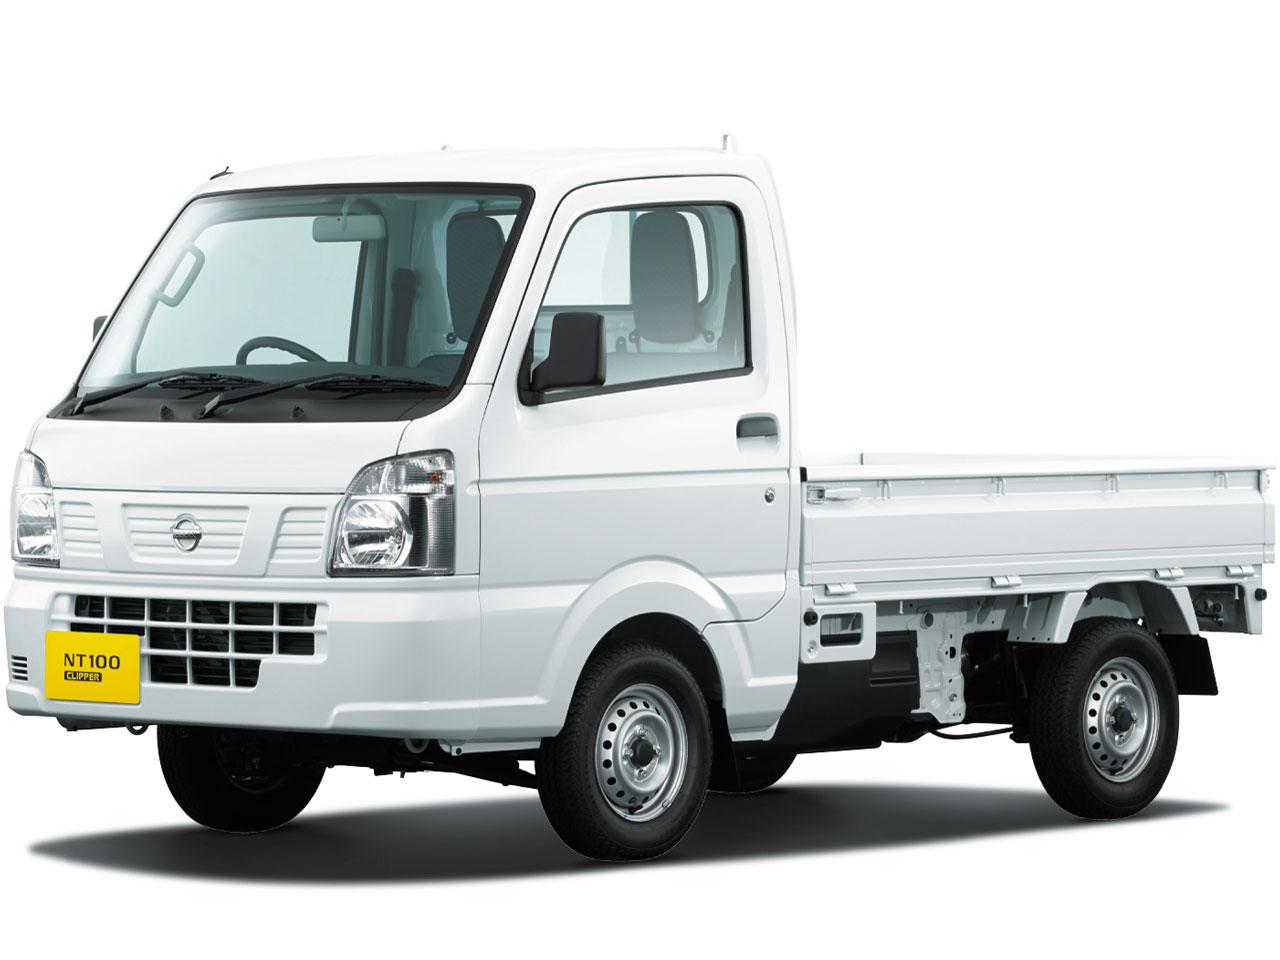 日産 NT100クリッパー 2013年モデル 新車画像